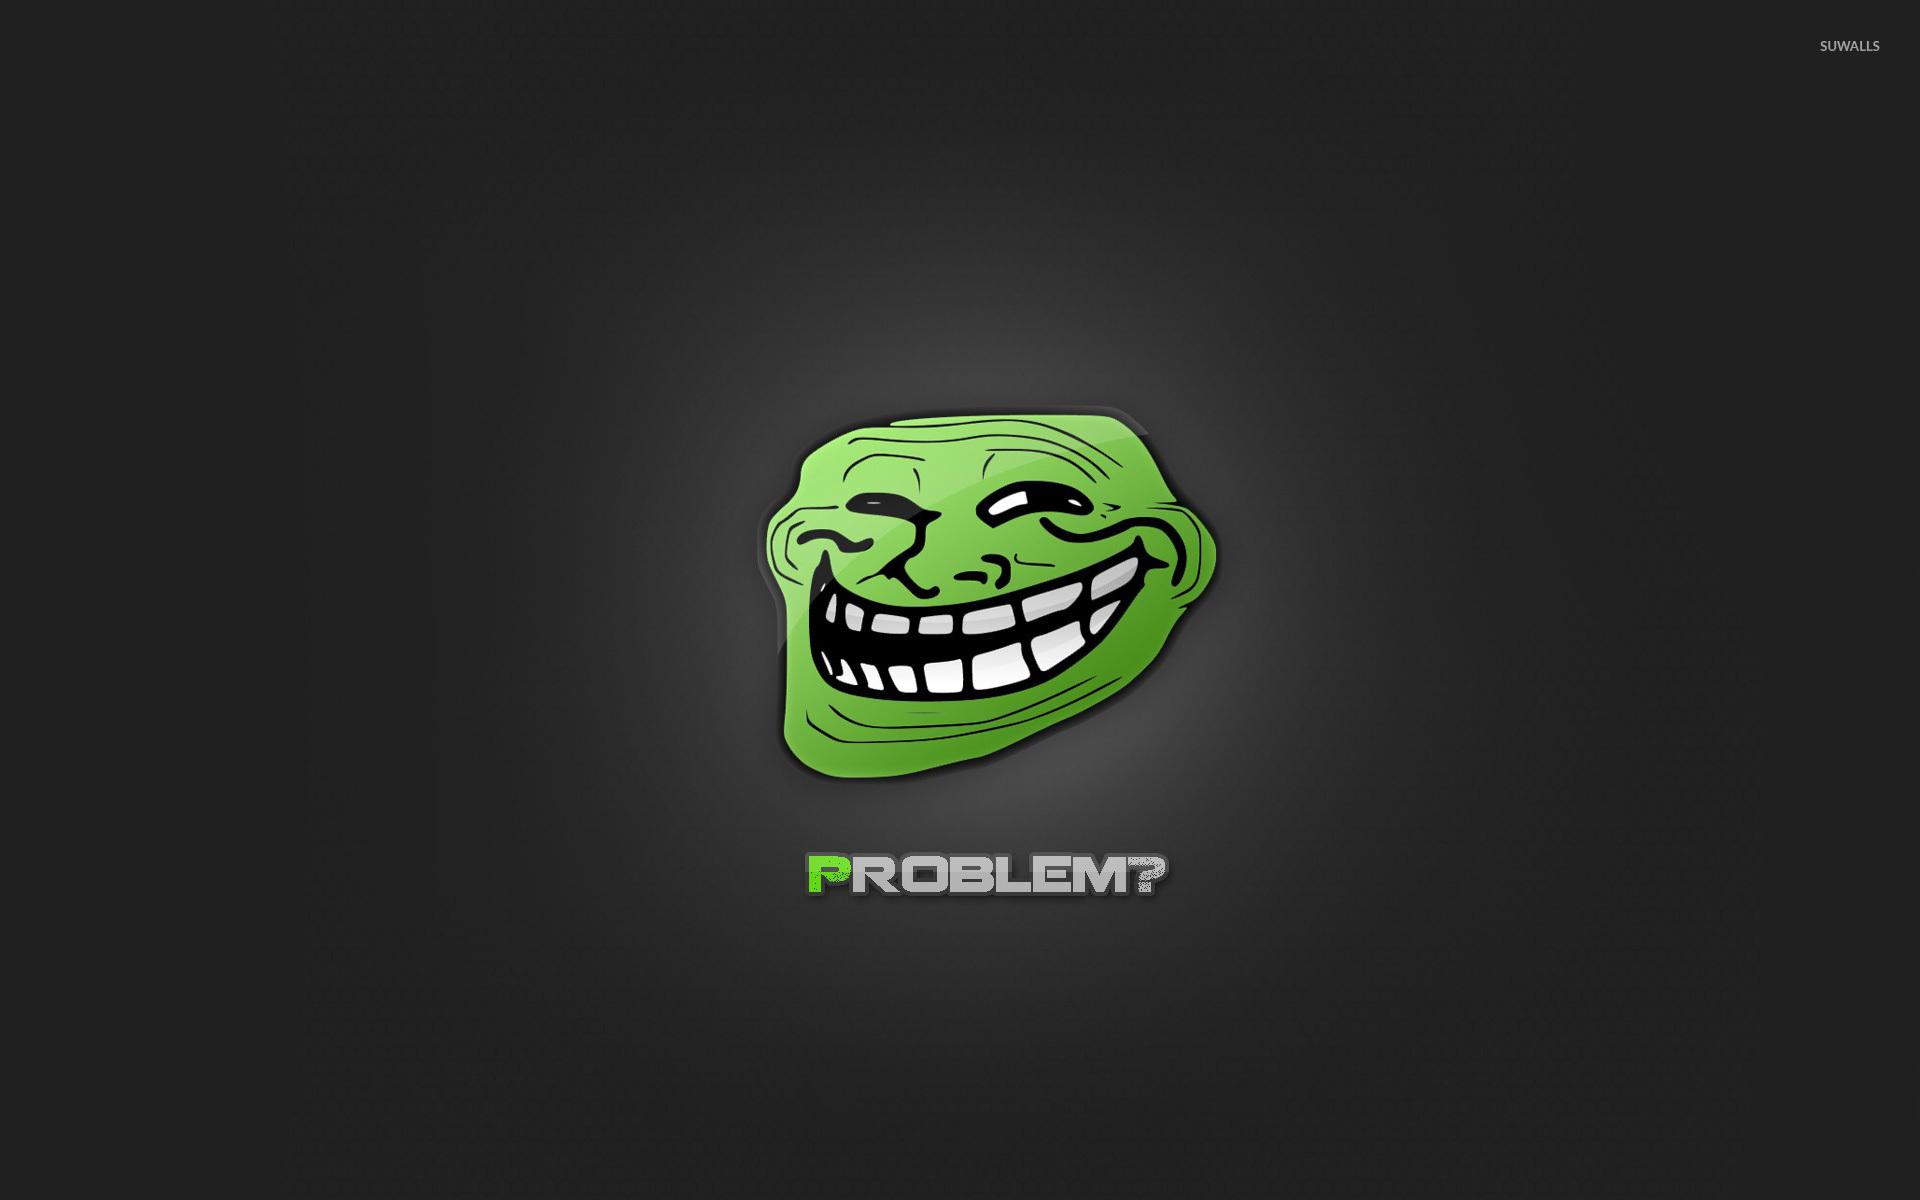 Problem? wallpaper